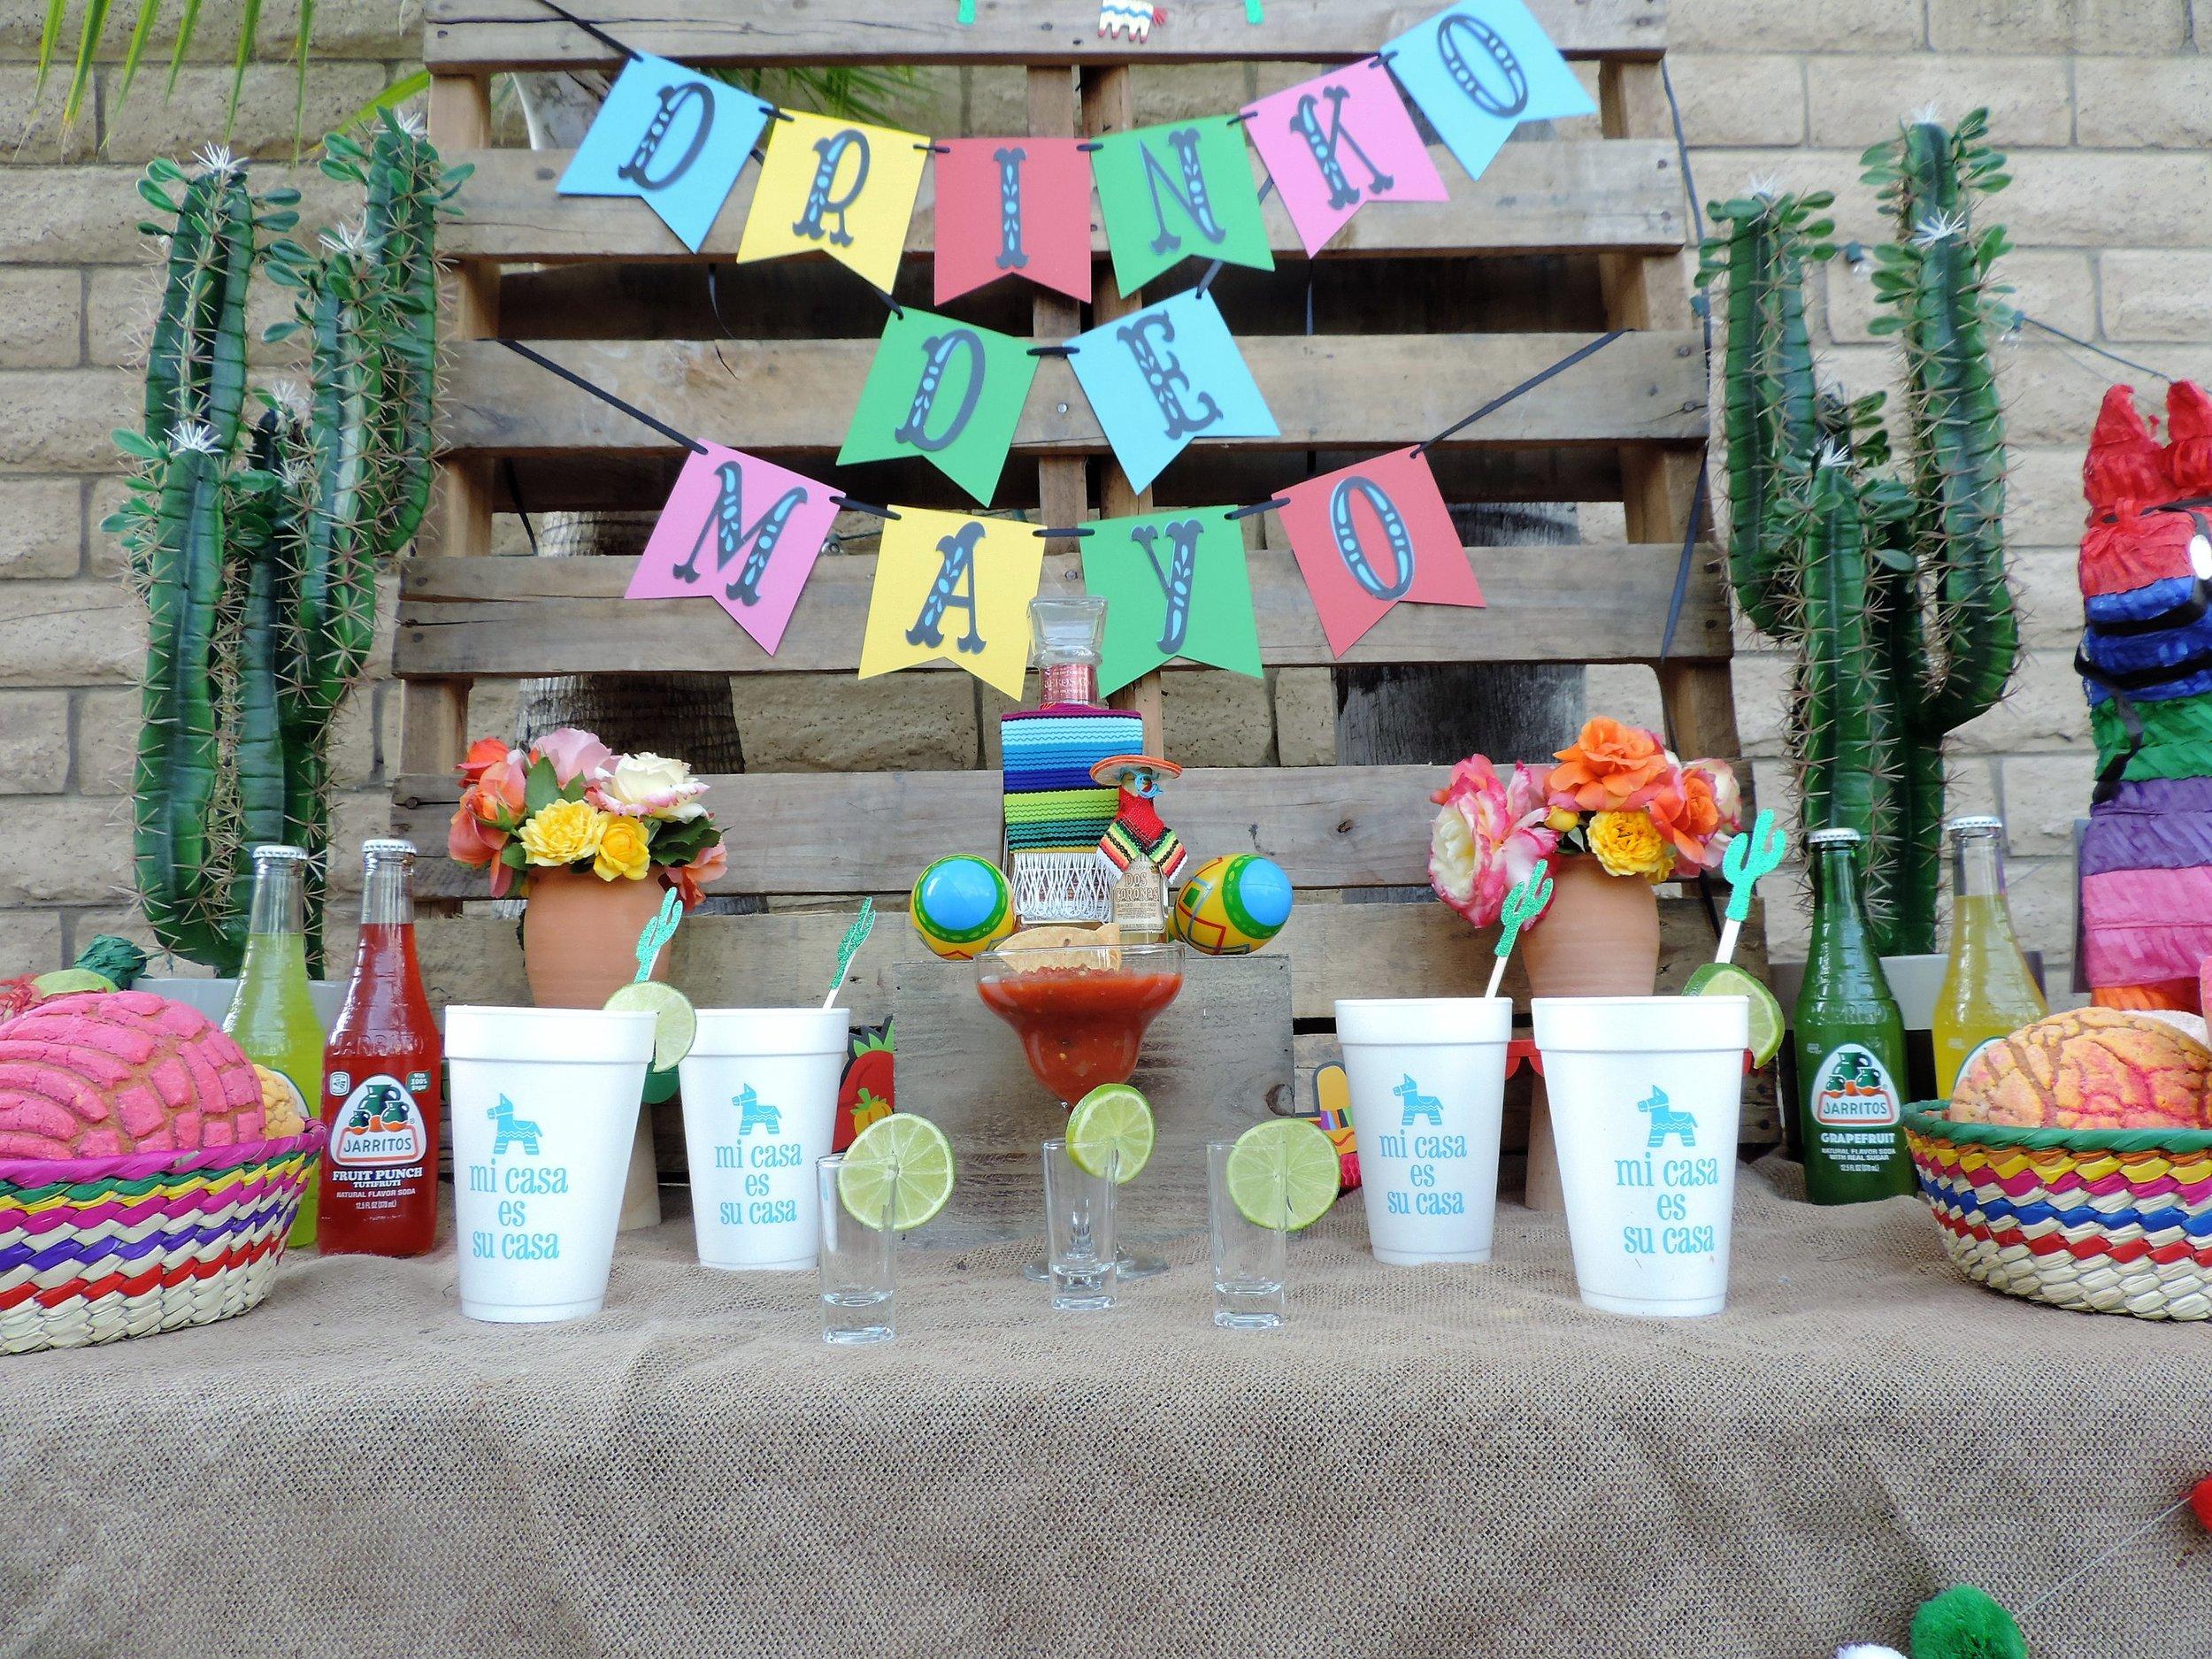 Cinco De Mayo Drink-Tequila Party Table-Cinco De Mayo Party-Tequila Party-Fiesta Party-Fiesta Drink Table-Tequila Party Ideas-Drinko De Mayo-Cinco De Mayo Party Idea-Mexican Theme Party-Fiesta-Cinco De Mayo Party Ideas and Decor-Taco Party-www.SugarPartiesLA.com